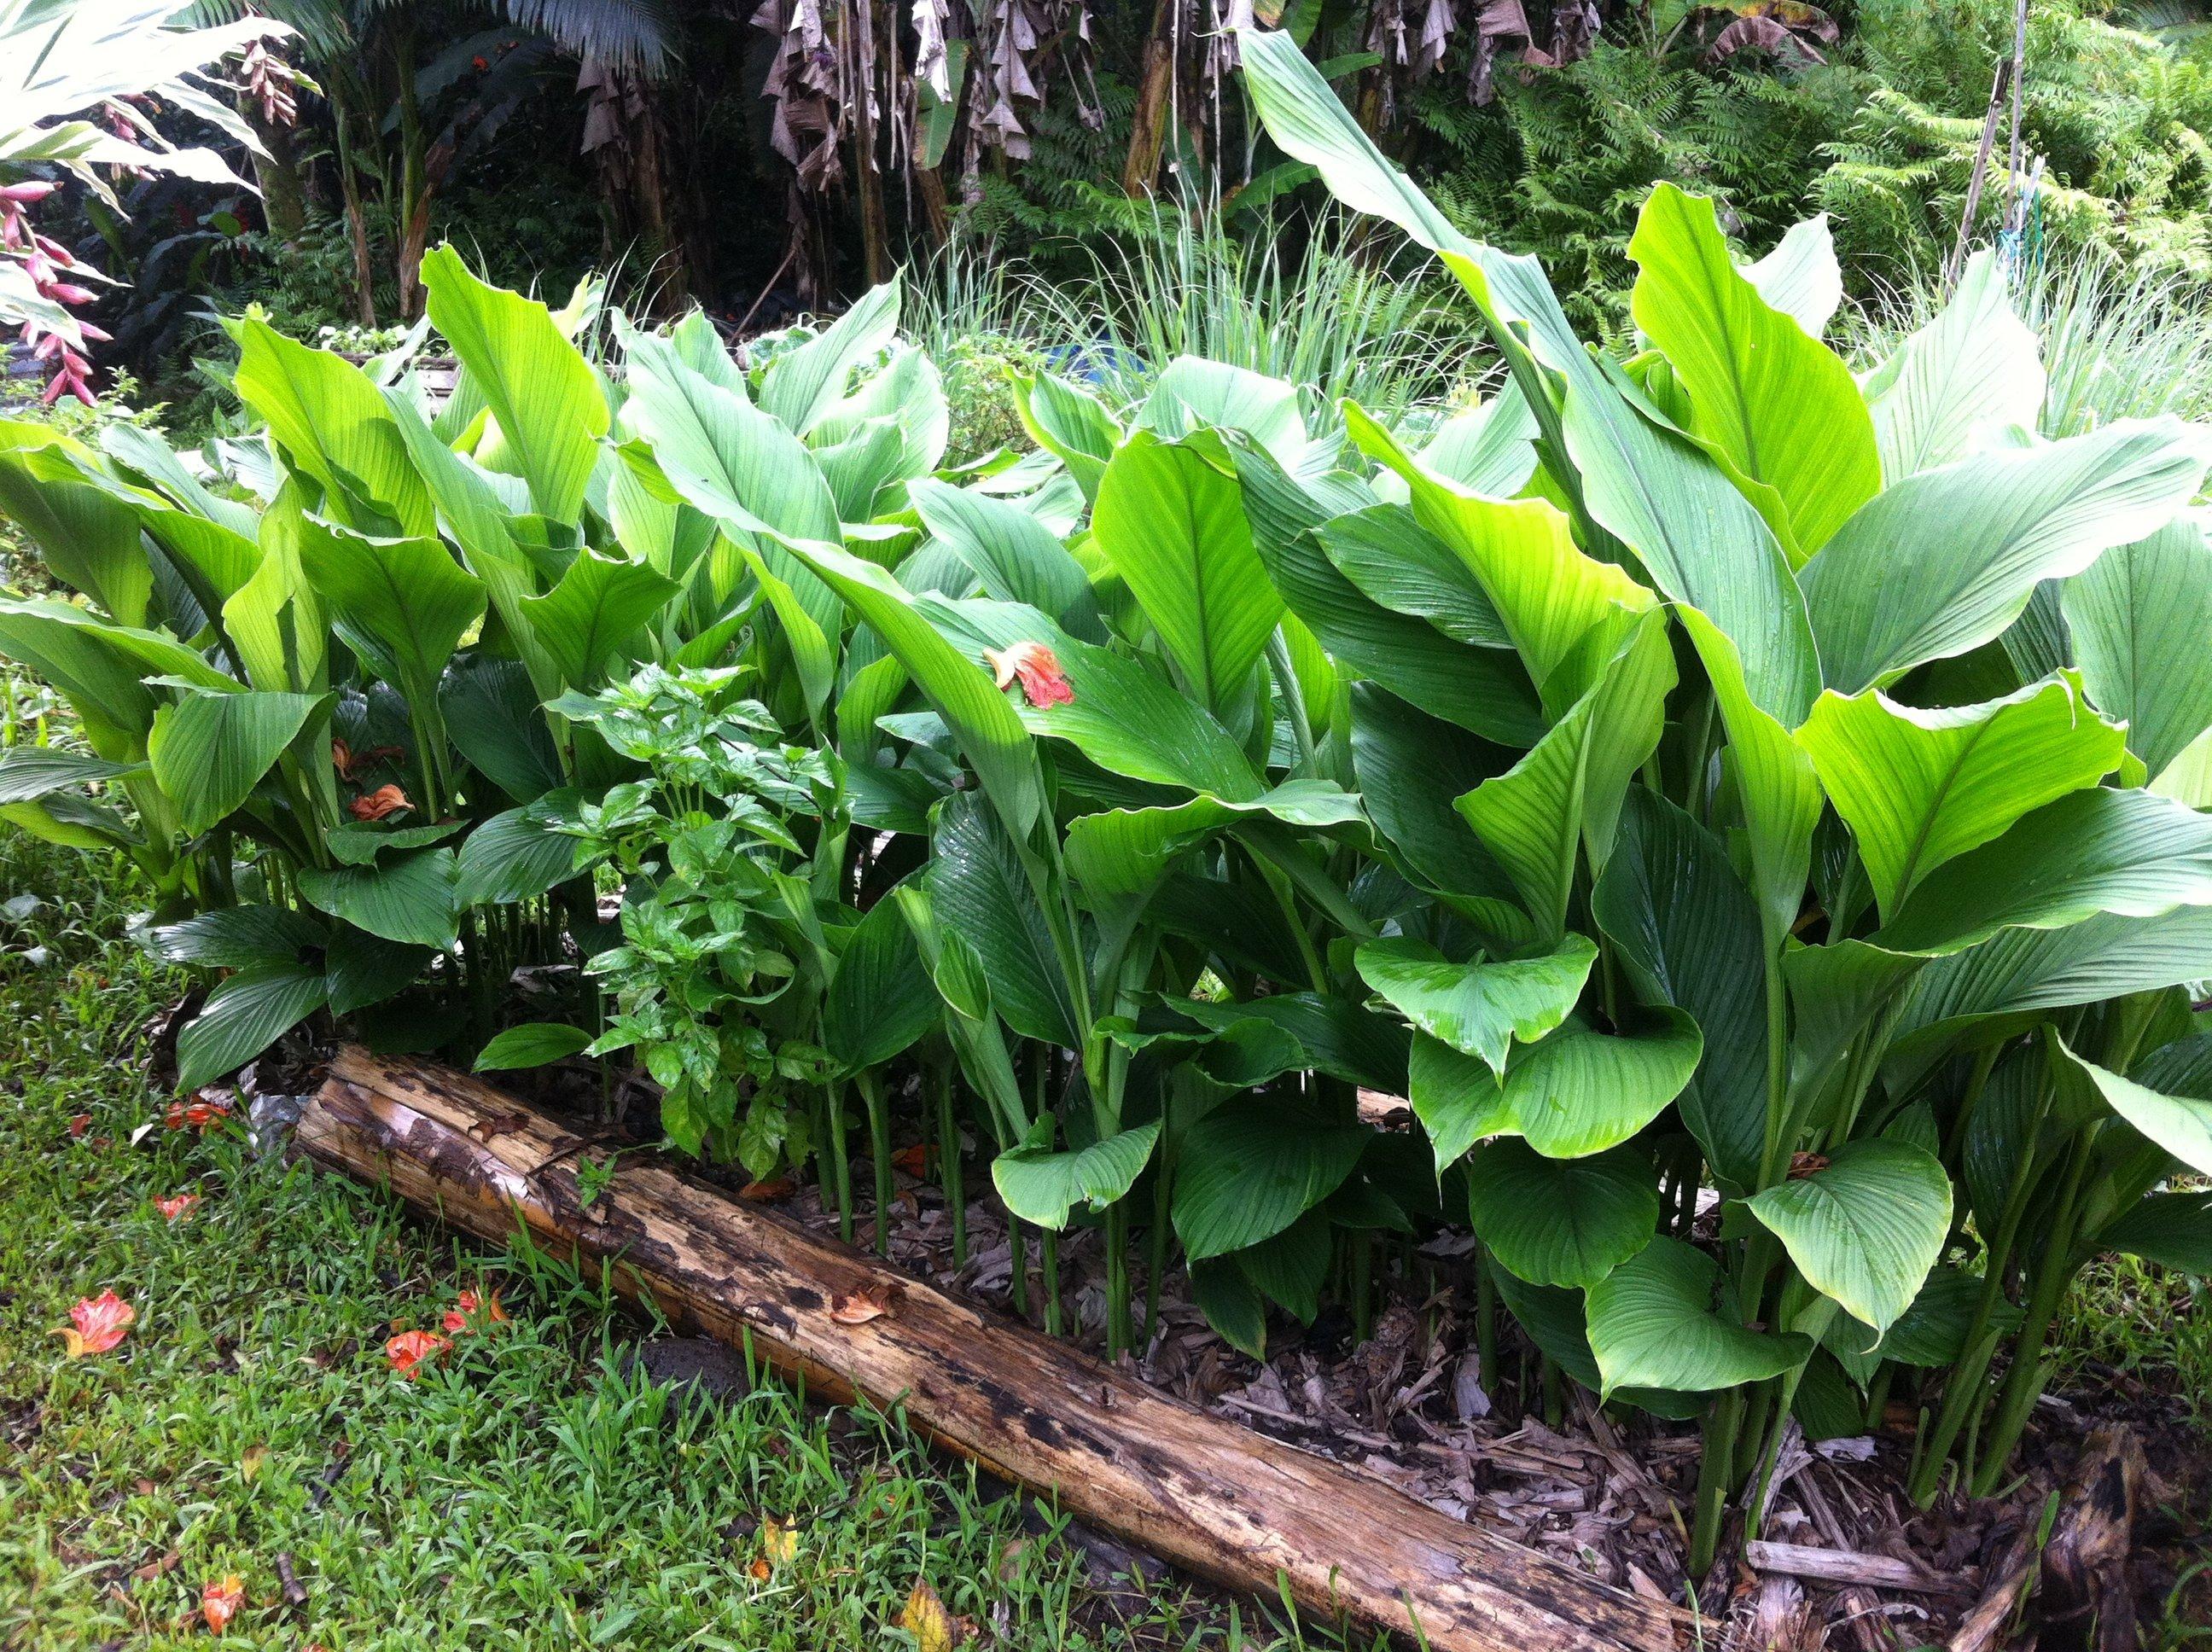 Raised beds enhance soil